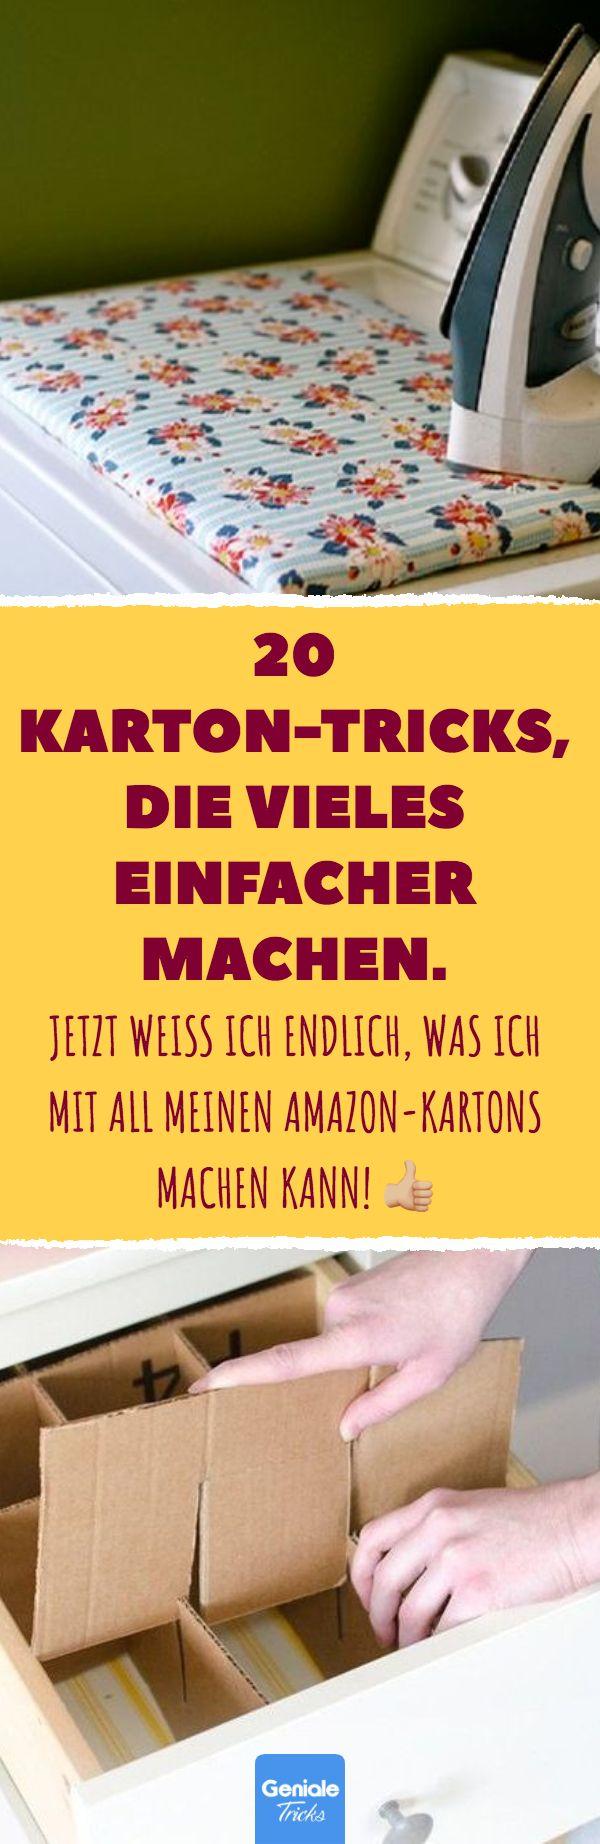 20 Karton-Tricks, die vieles einfacher machen. 20 …